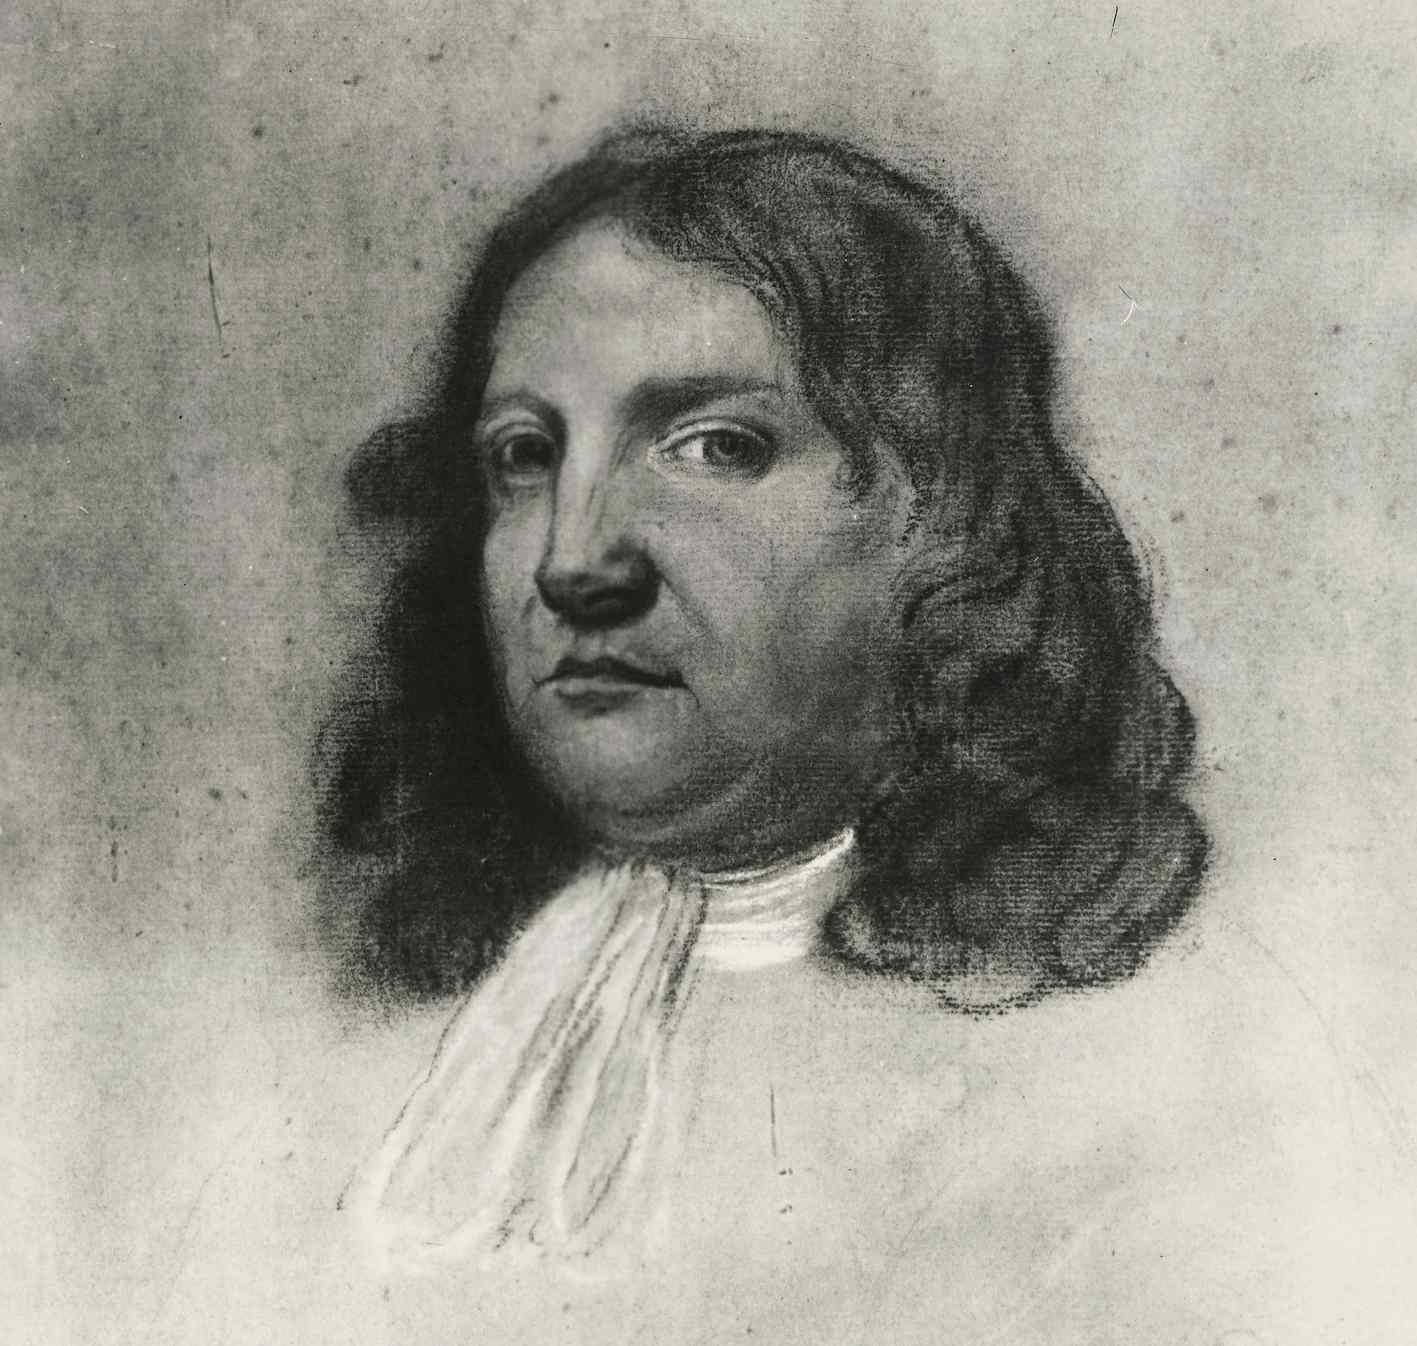 Portrait of William Penn